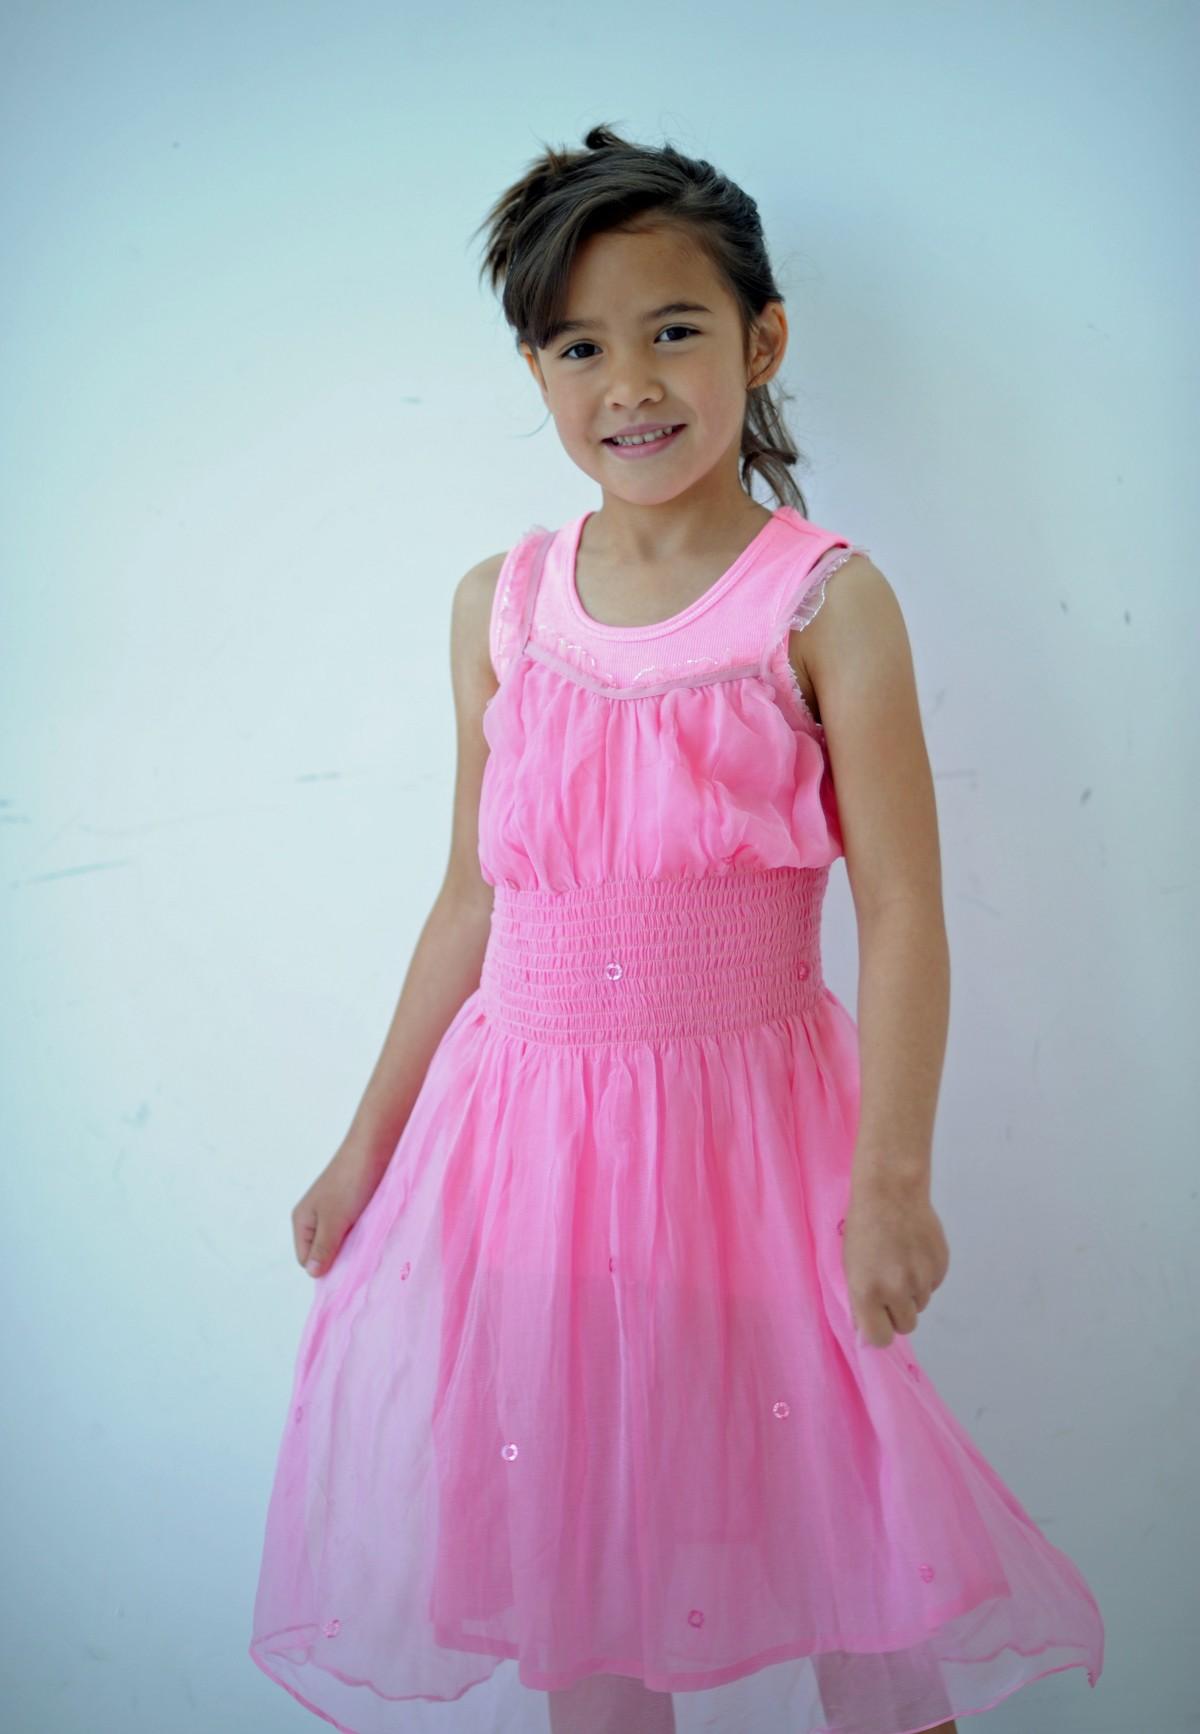 Fotos gratis : niña, el maletero, celebracion, pierna, ropa, rosado ...